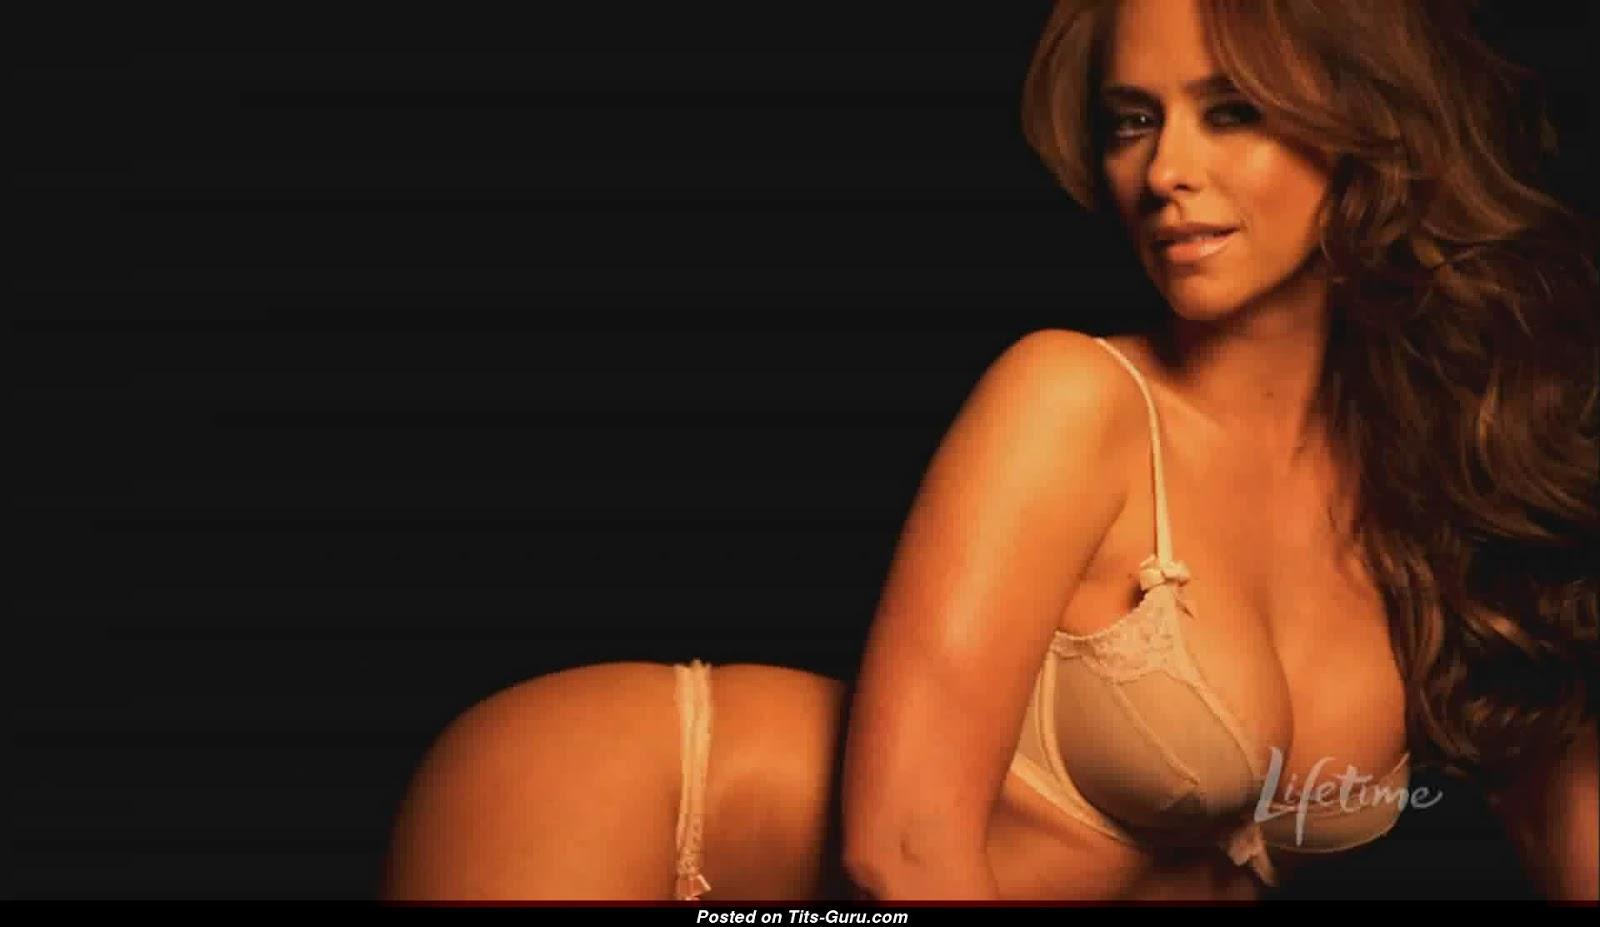 Hot jennifer love hewitt nude